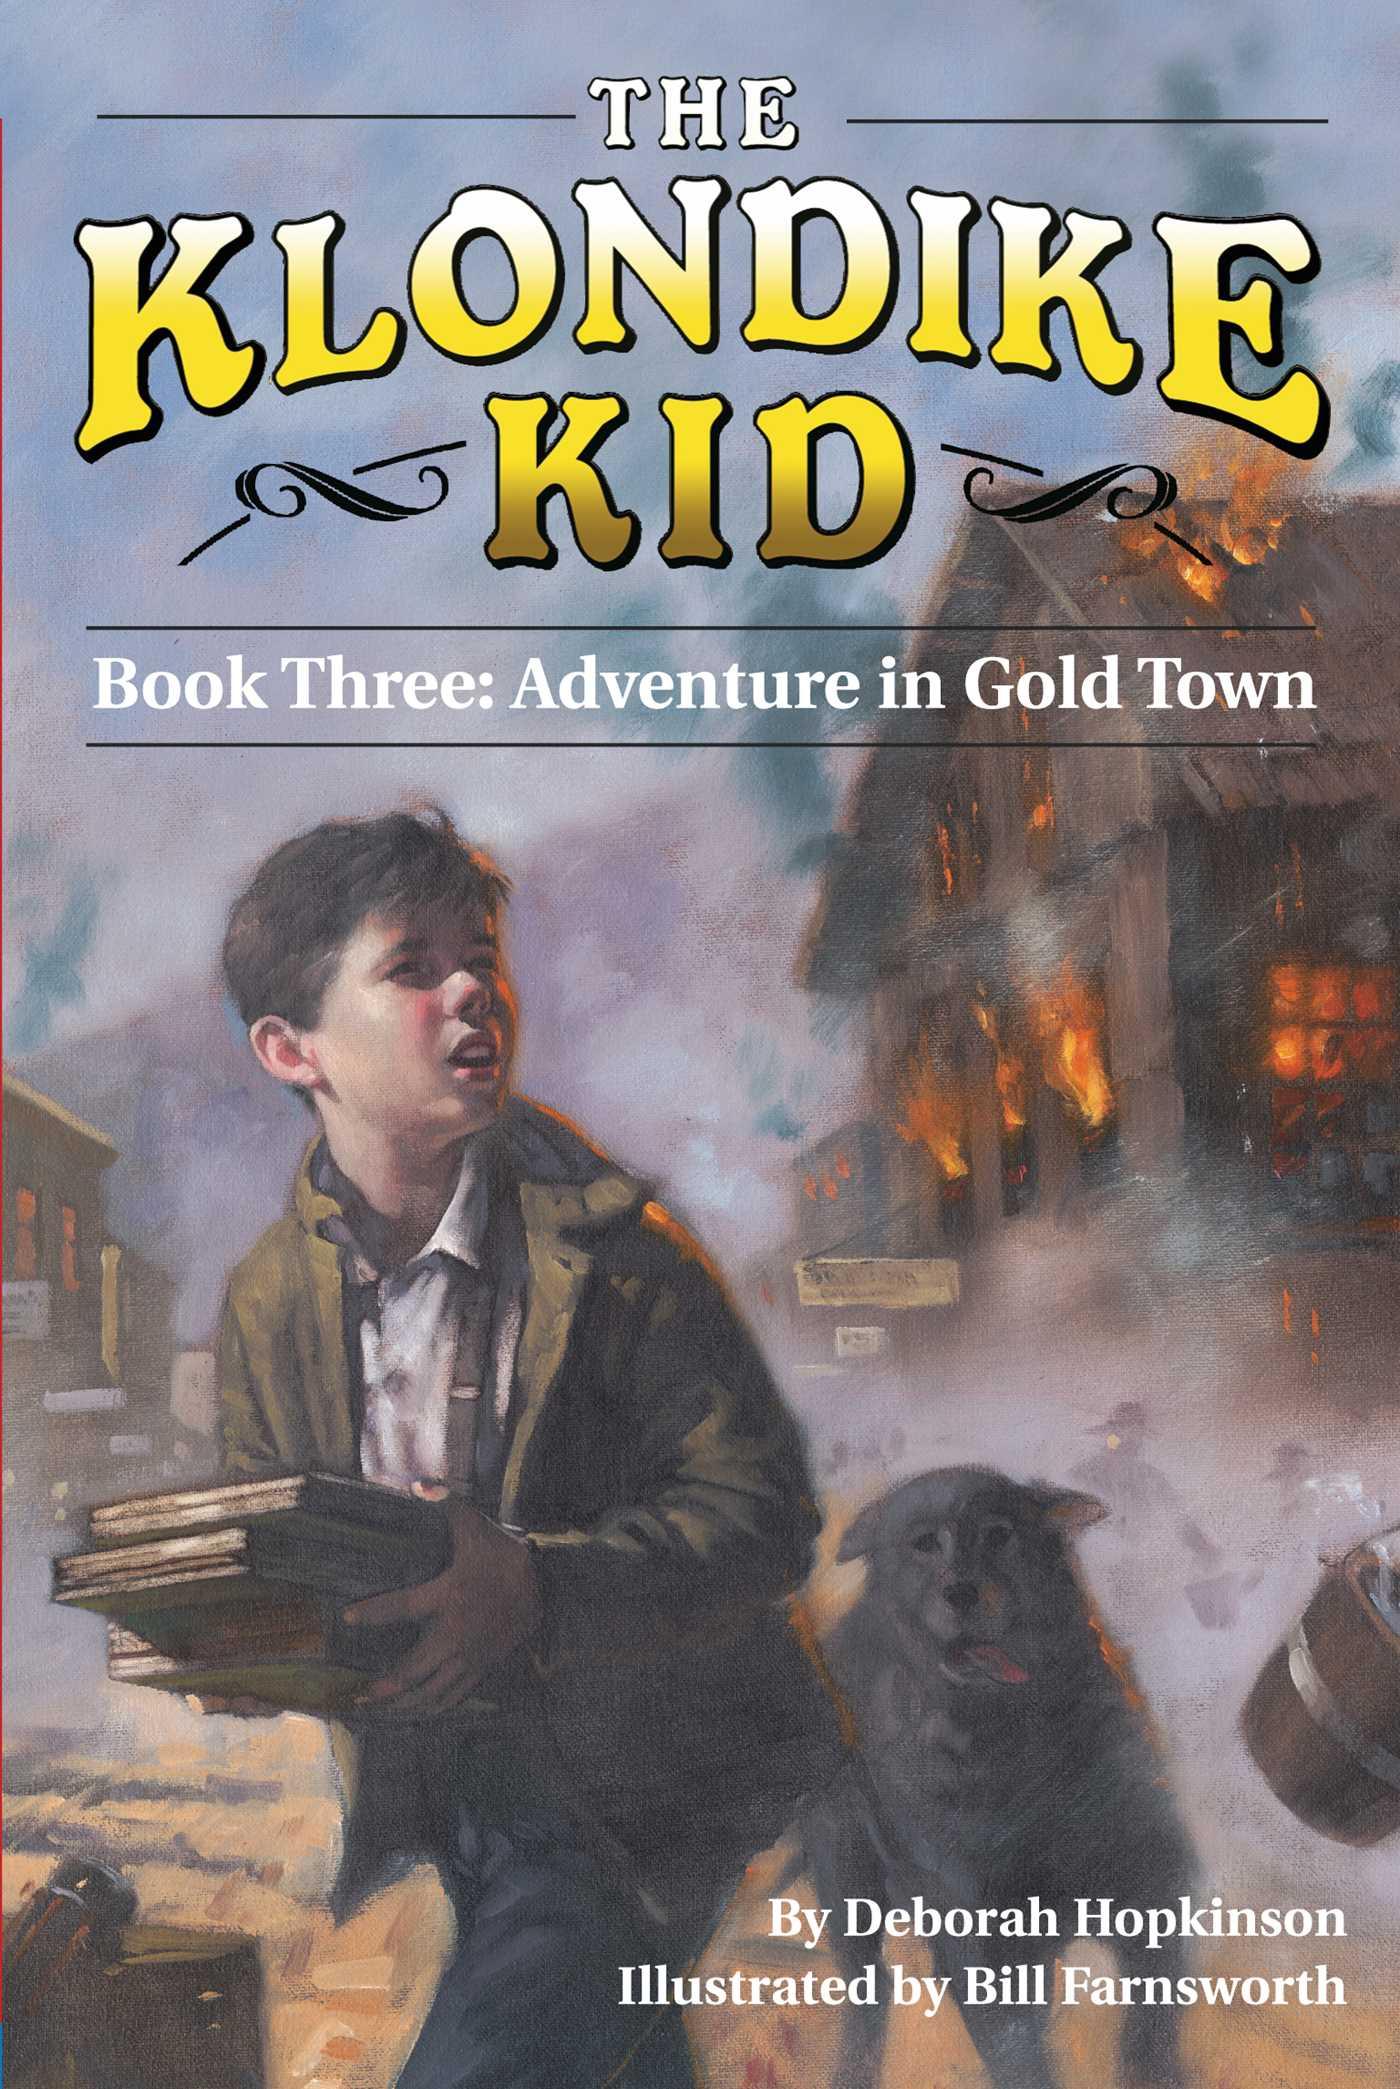 Adventure in gold town 9781439113660 hr